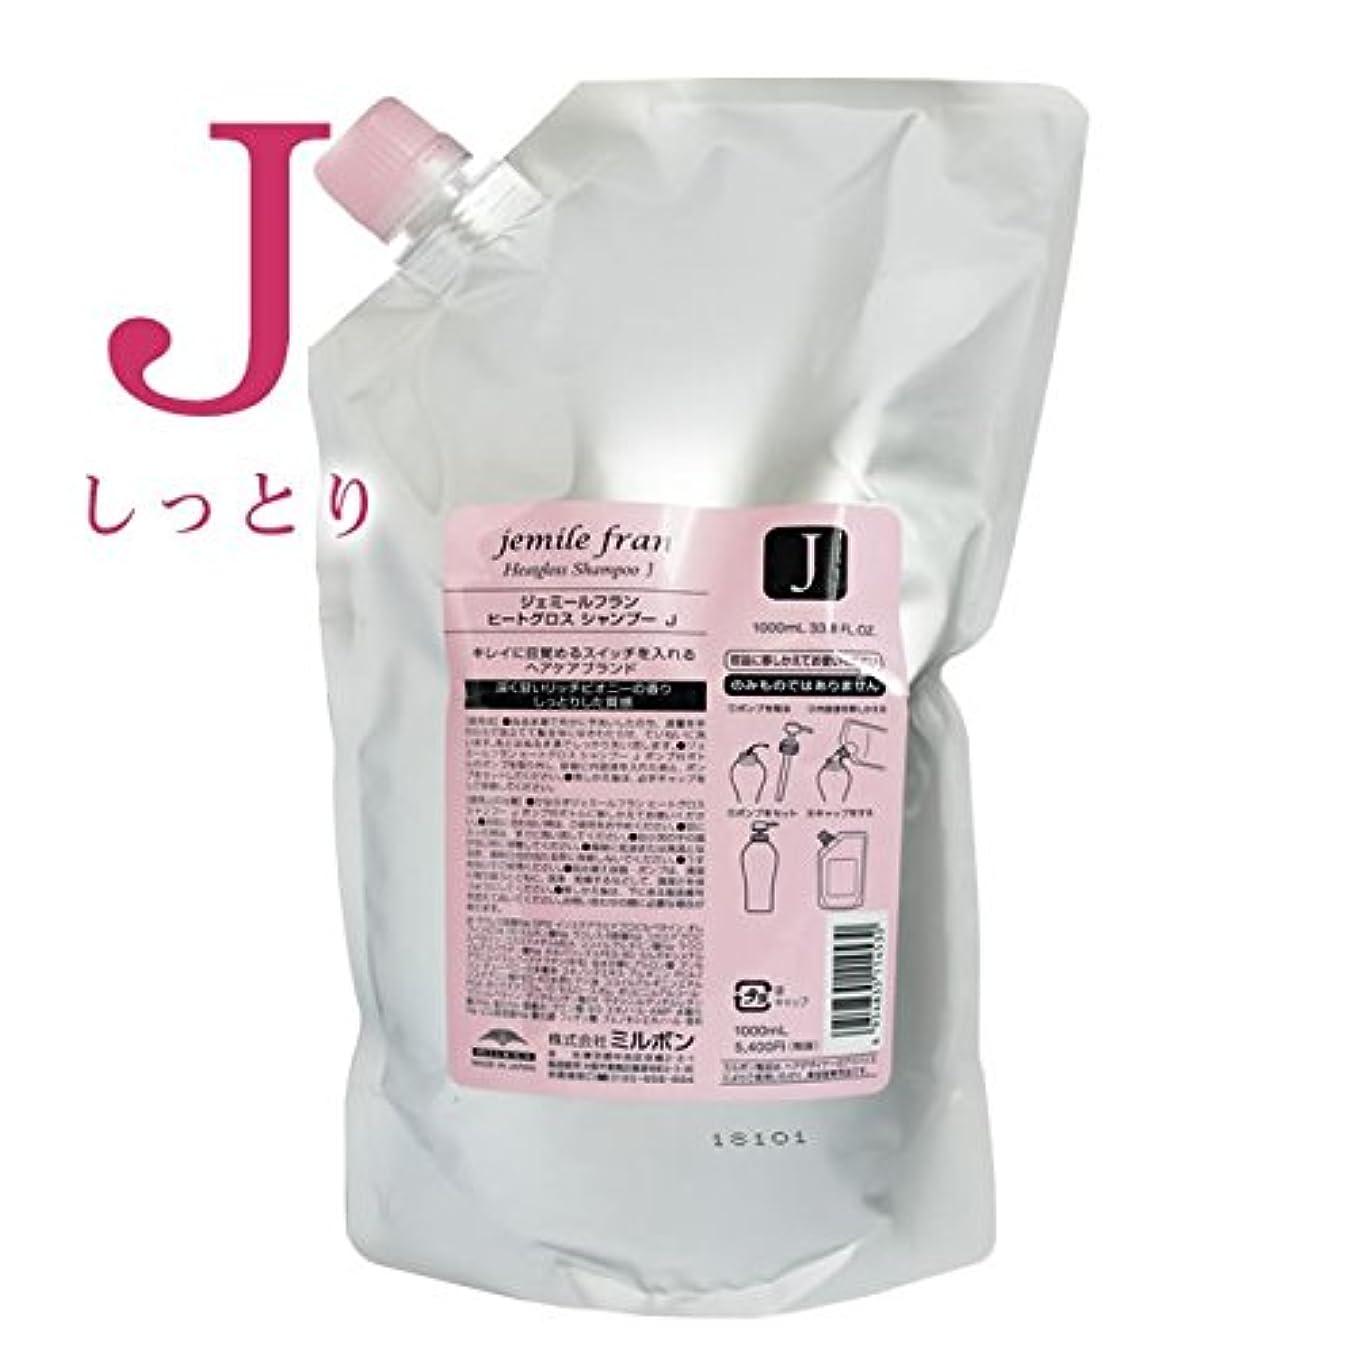 タイピストキャンディー興奮するミルボン ジェミールフラン ヒートグロス シャンプーJ 1000ml (詰替用)